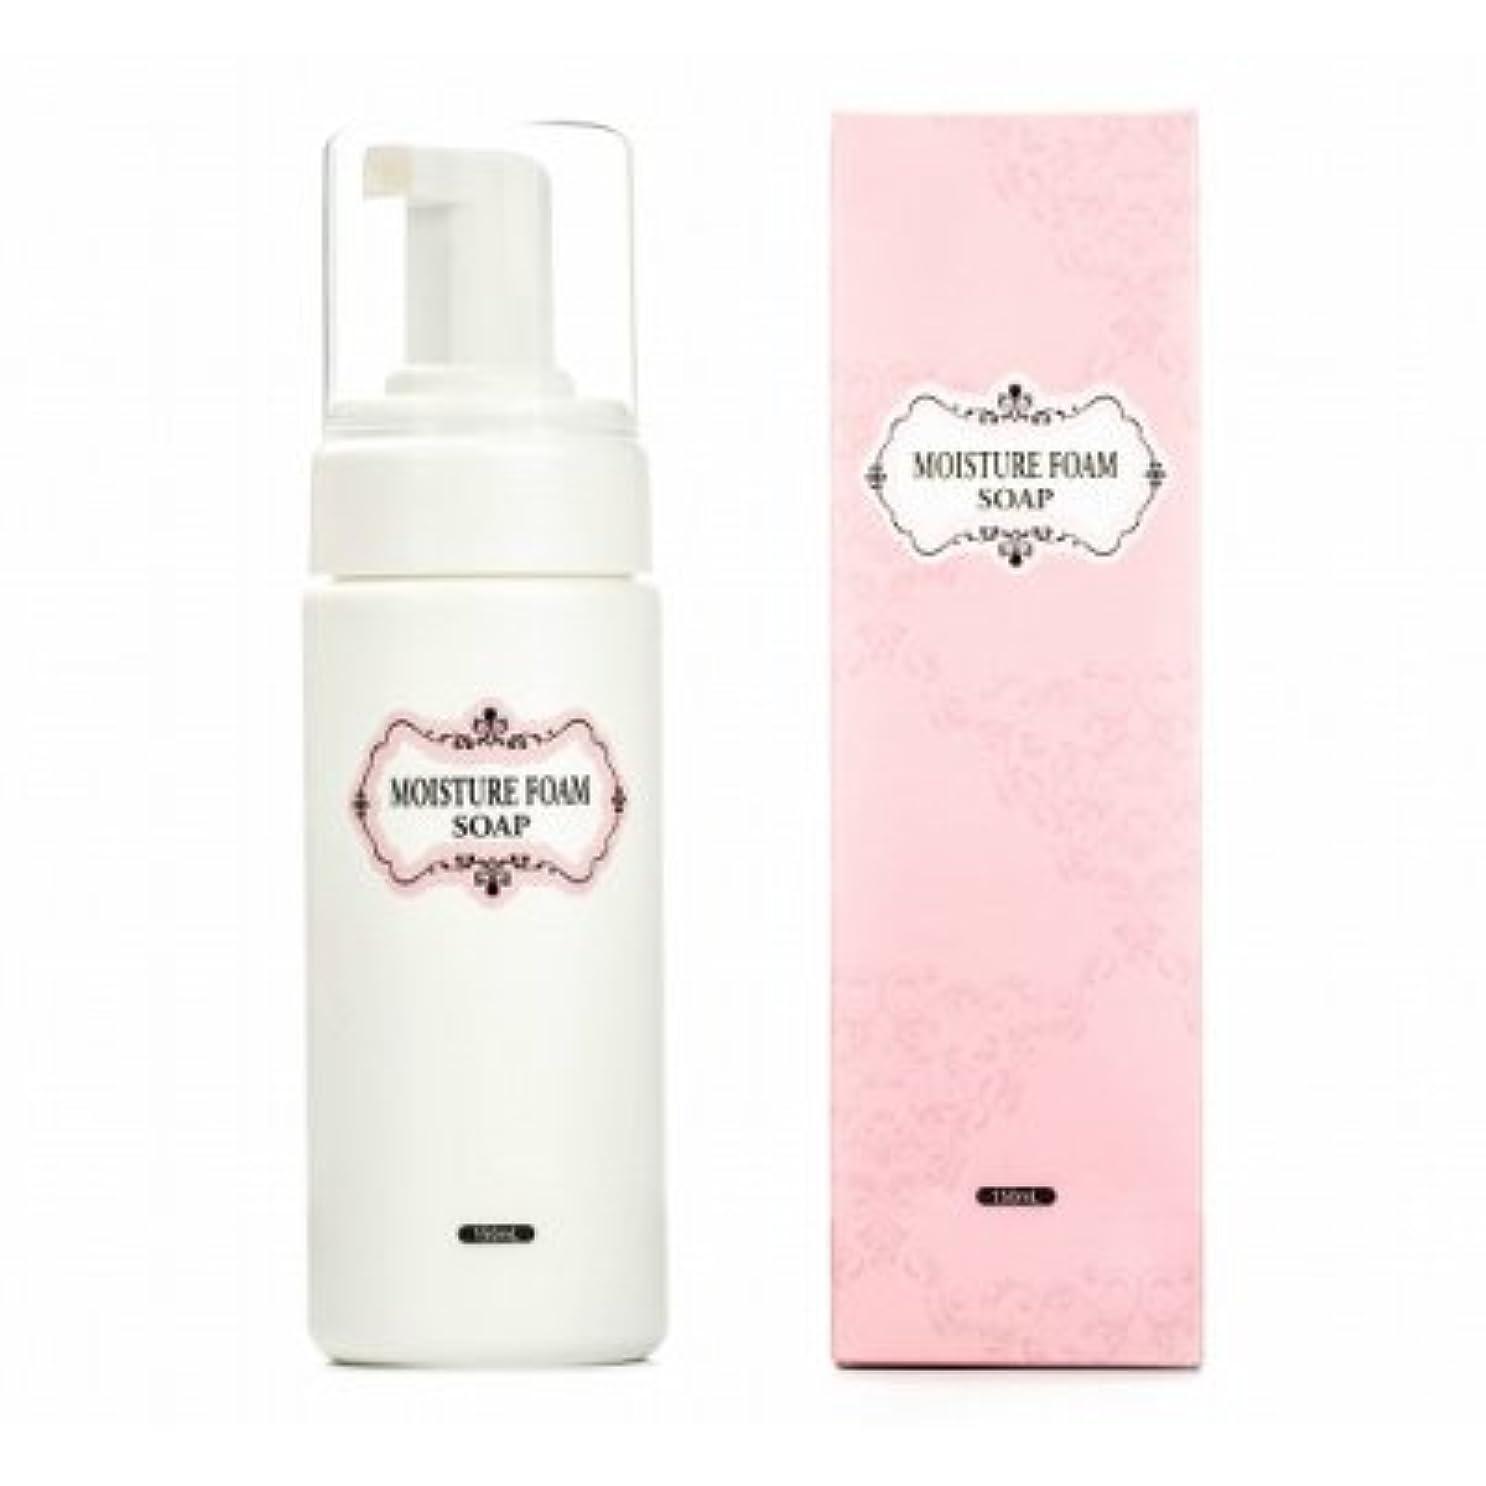 乳苦い中にMOISTURE FOAM SOAP(モイスチャーフォームソープ) 150ml